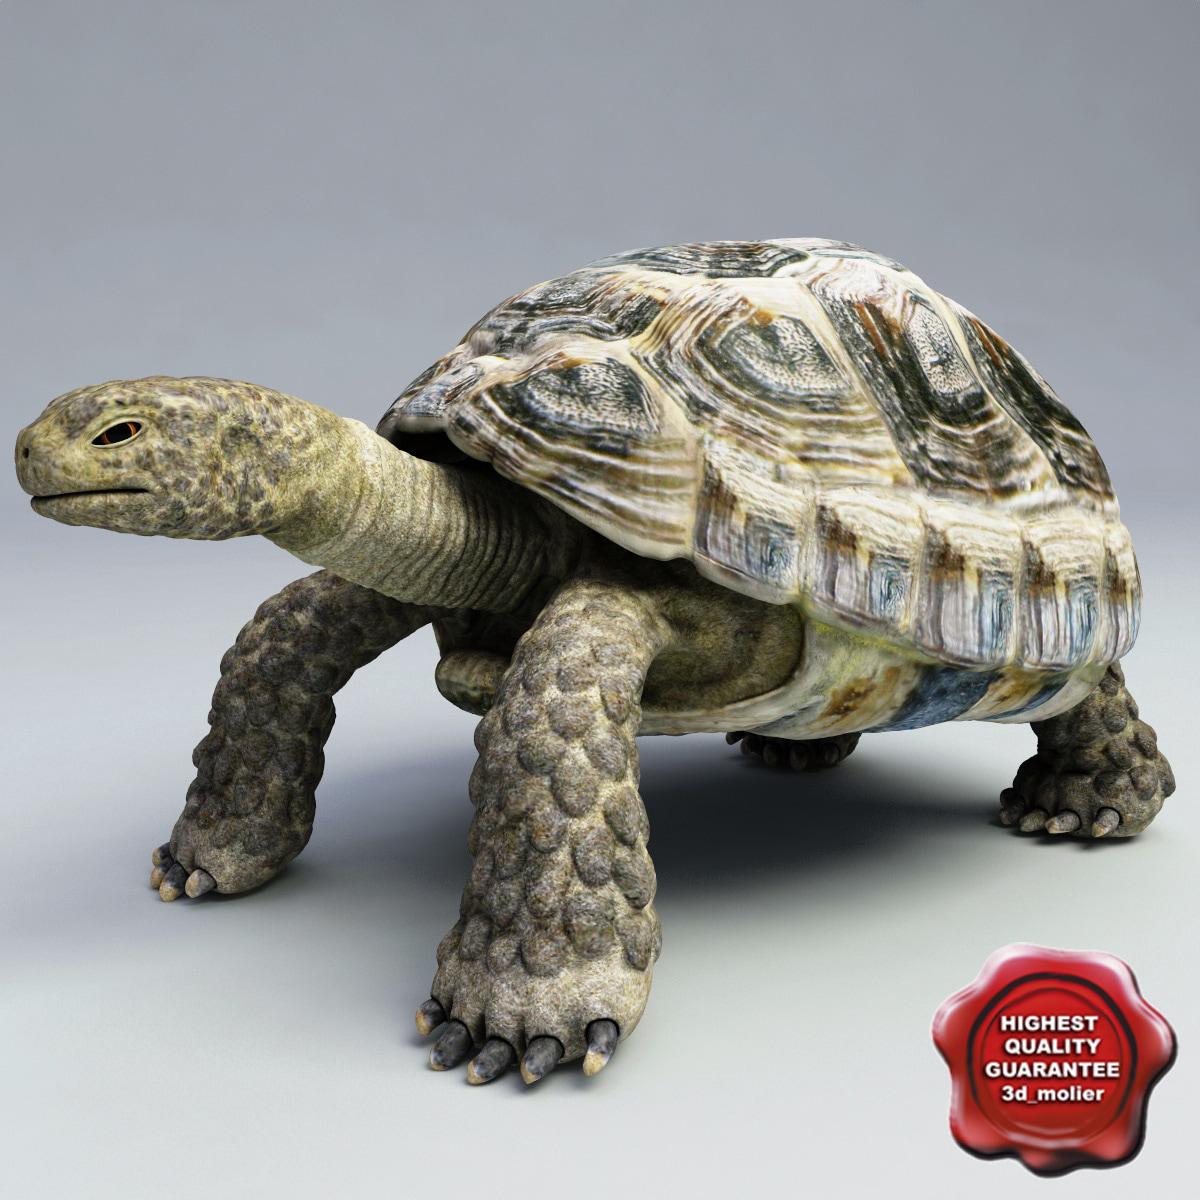 Turtle_Testudines_00.jpg